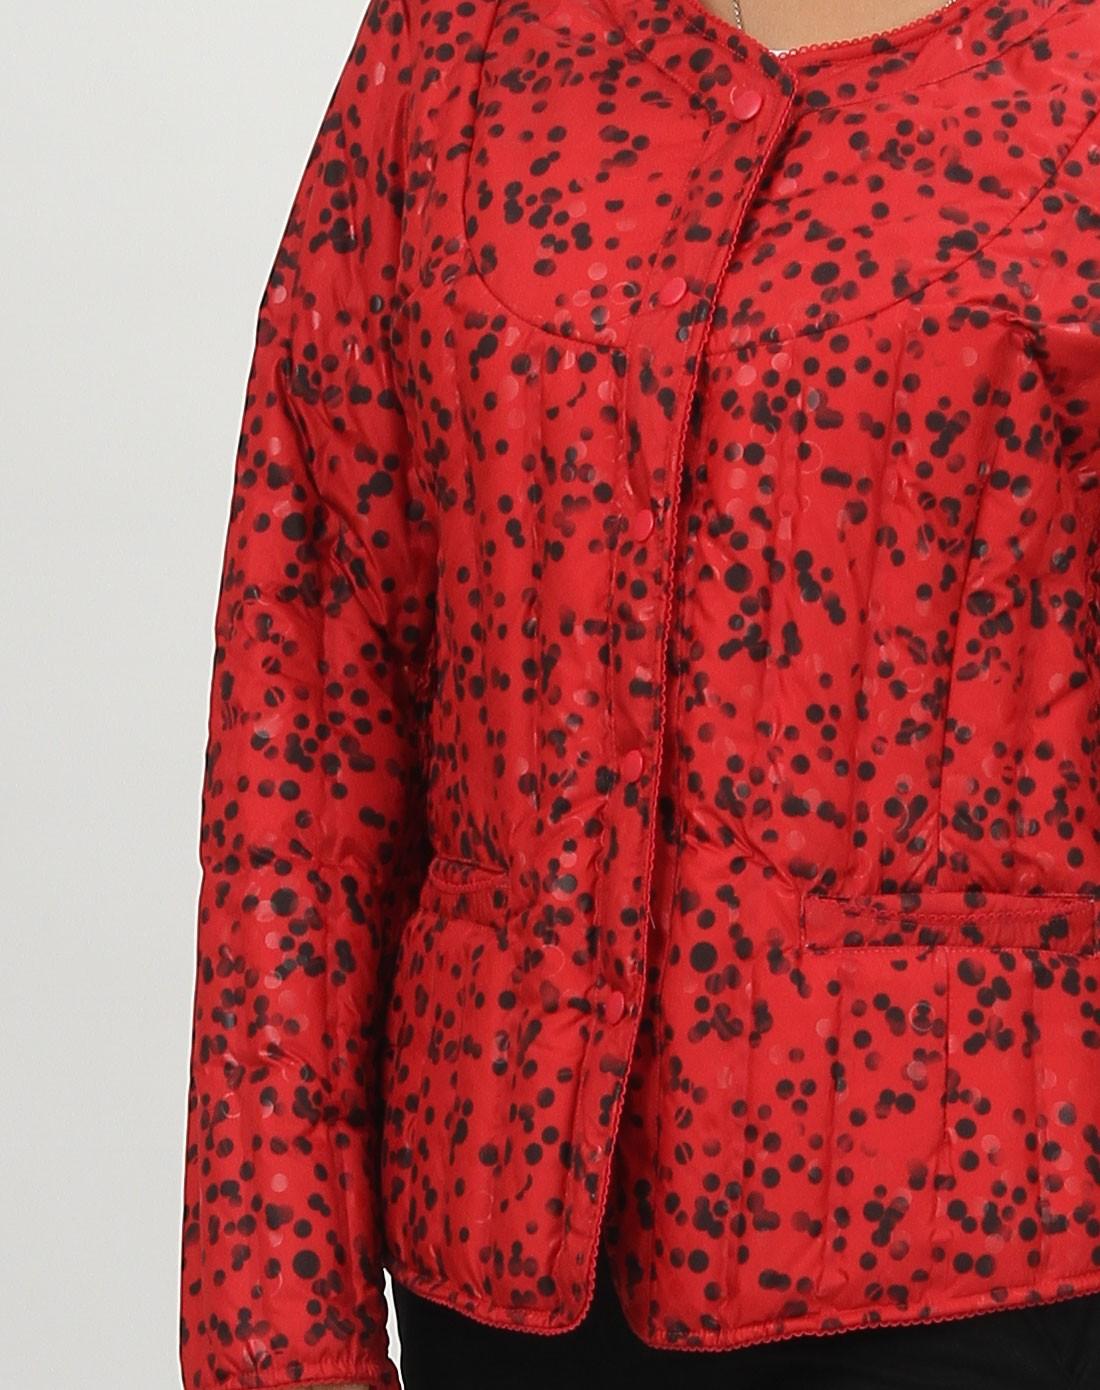 服装 旗袍 唐装 围巾 1100_1390 竖版 竖屏